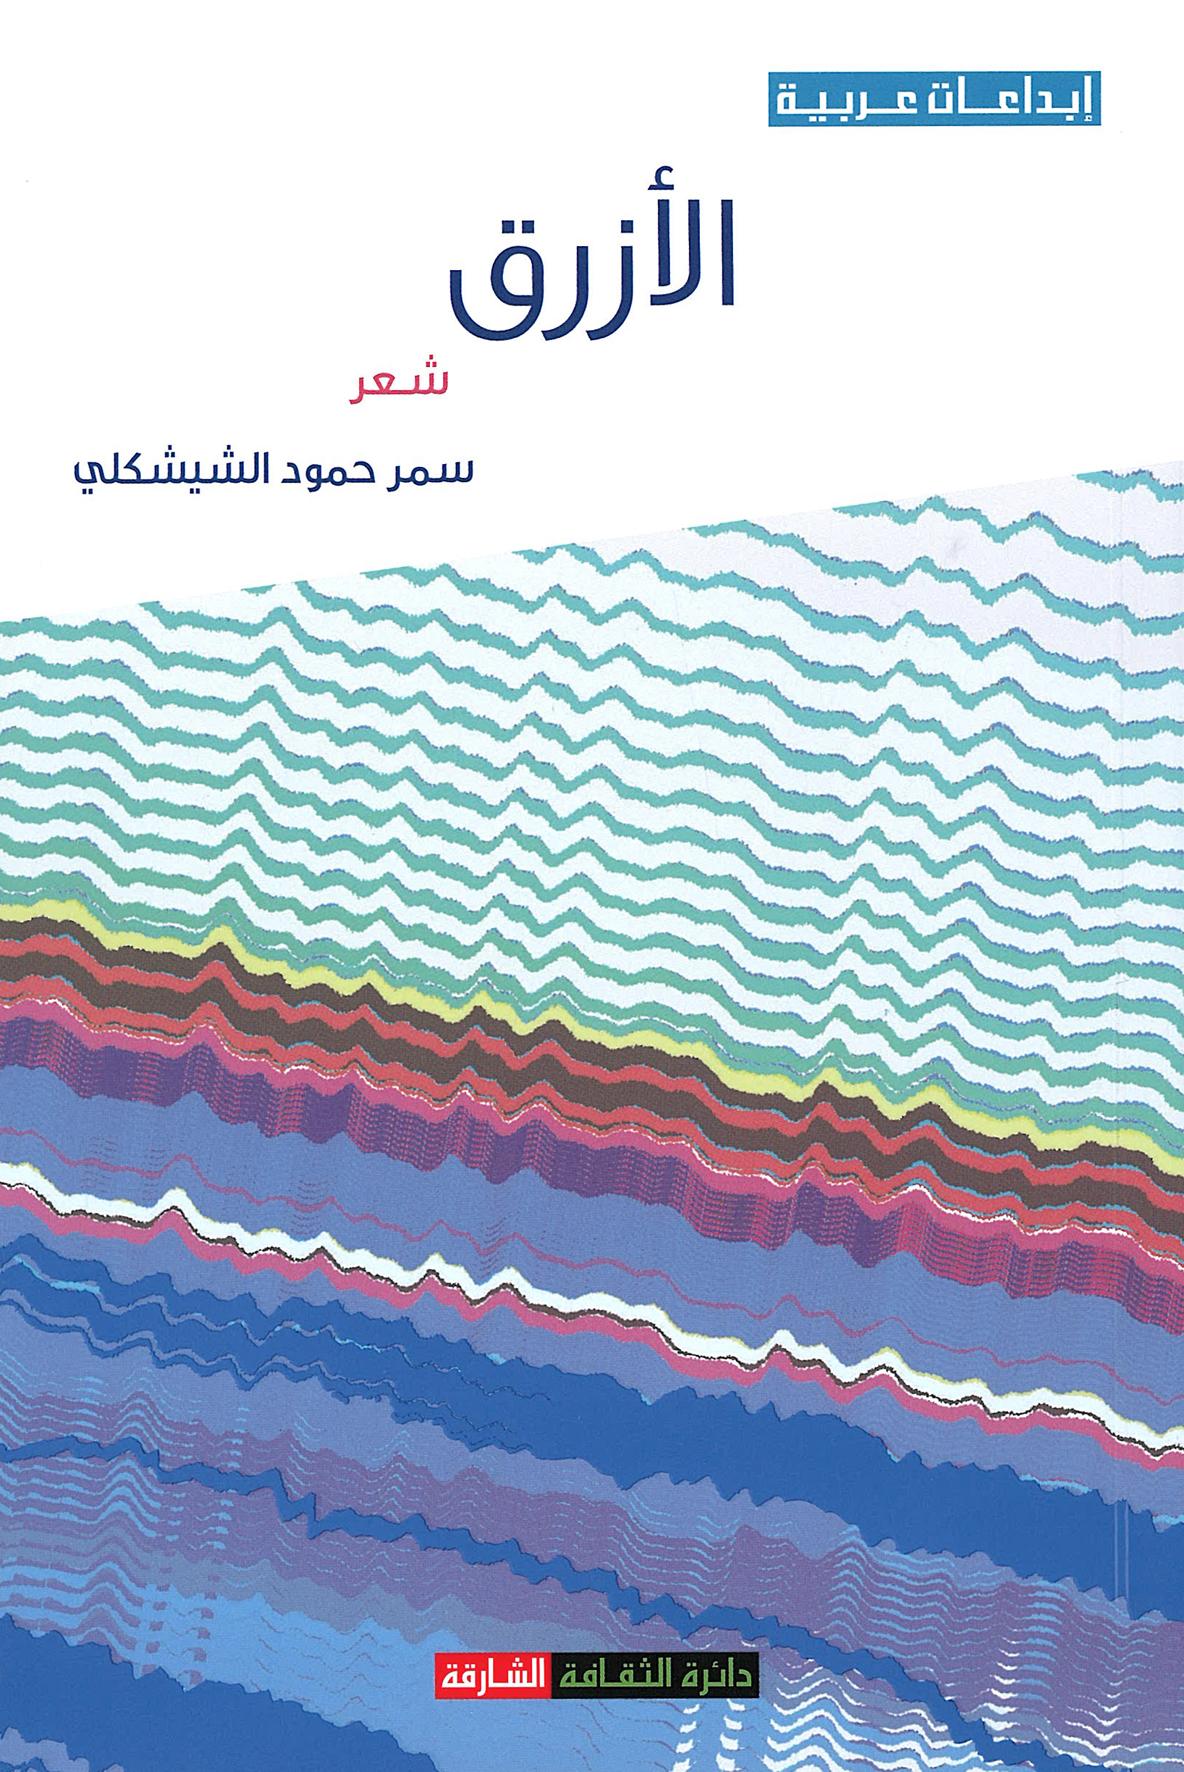 ثلاثة إصدارات أدبية ضمن سلسلة إبداعات عربية لثقافية الشارقة